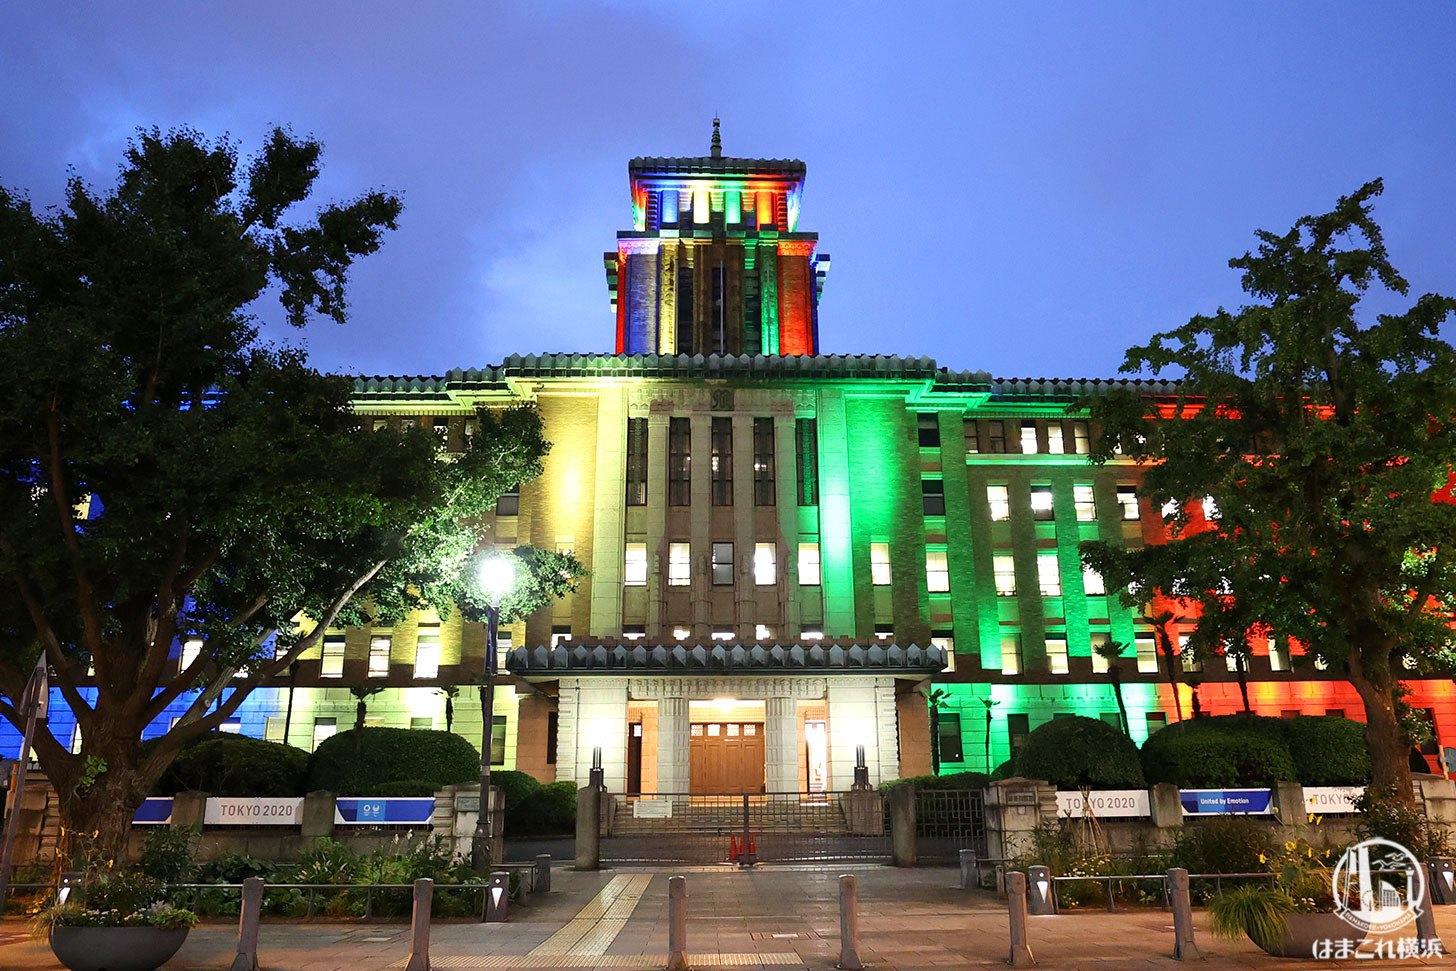 神奈川県庁 東京2020オリンピック仕様のライトアップ